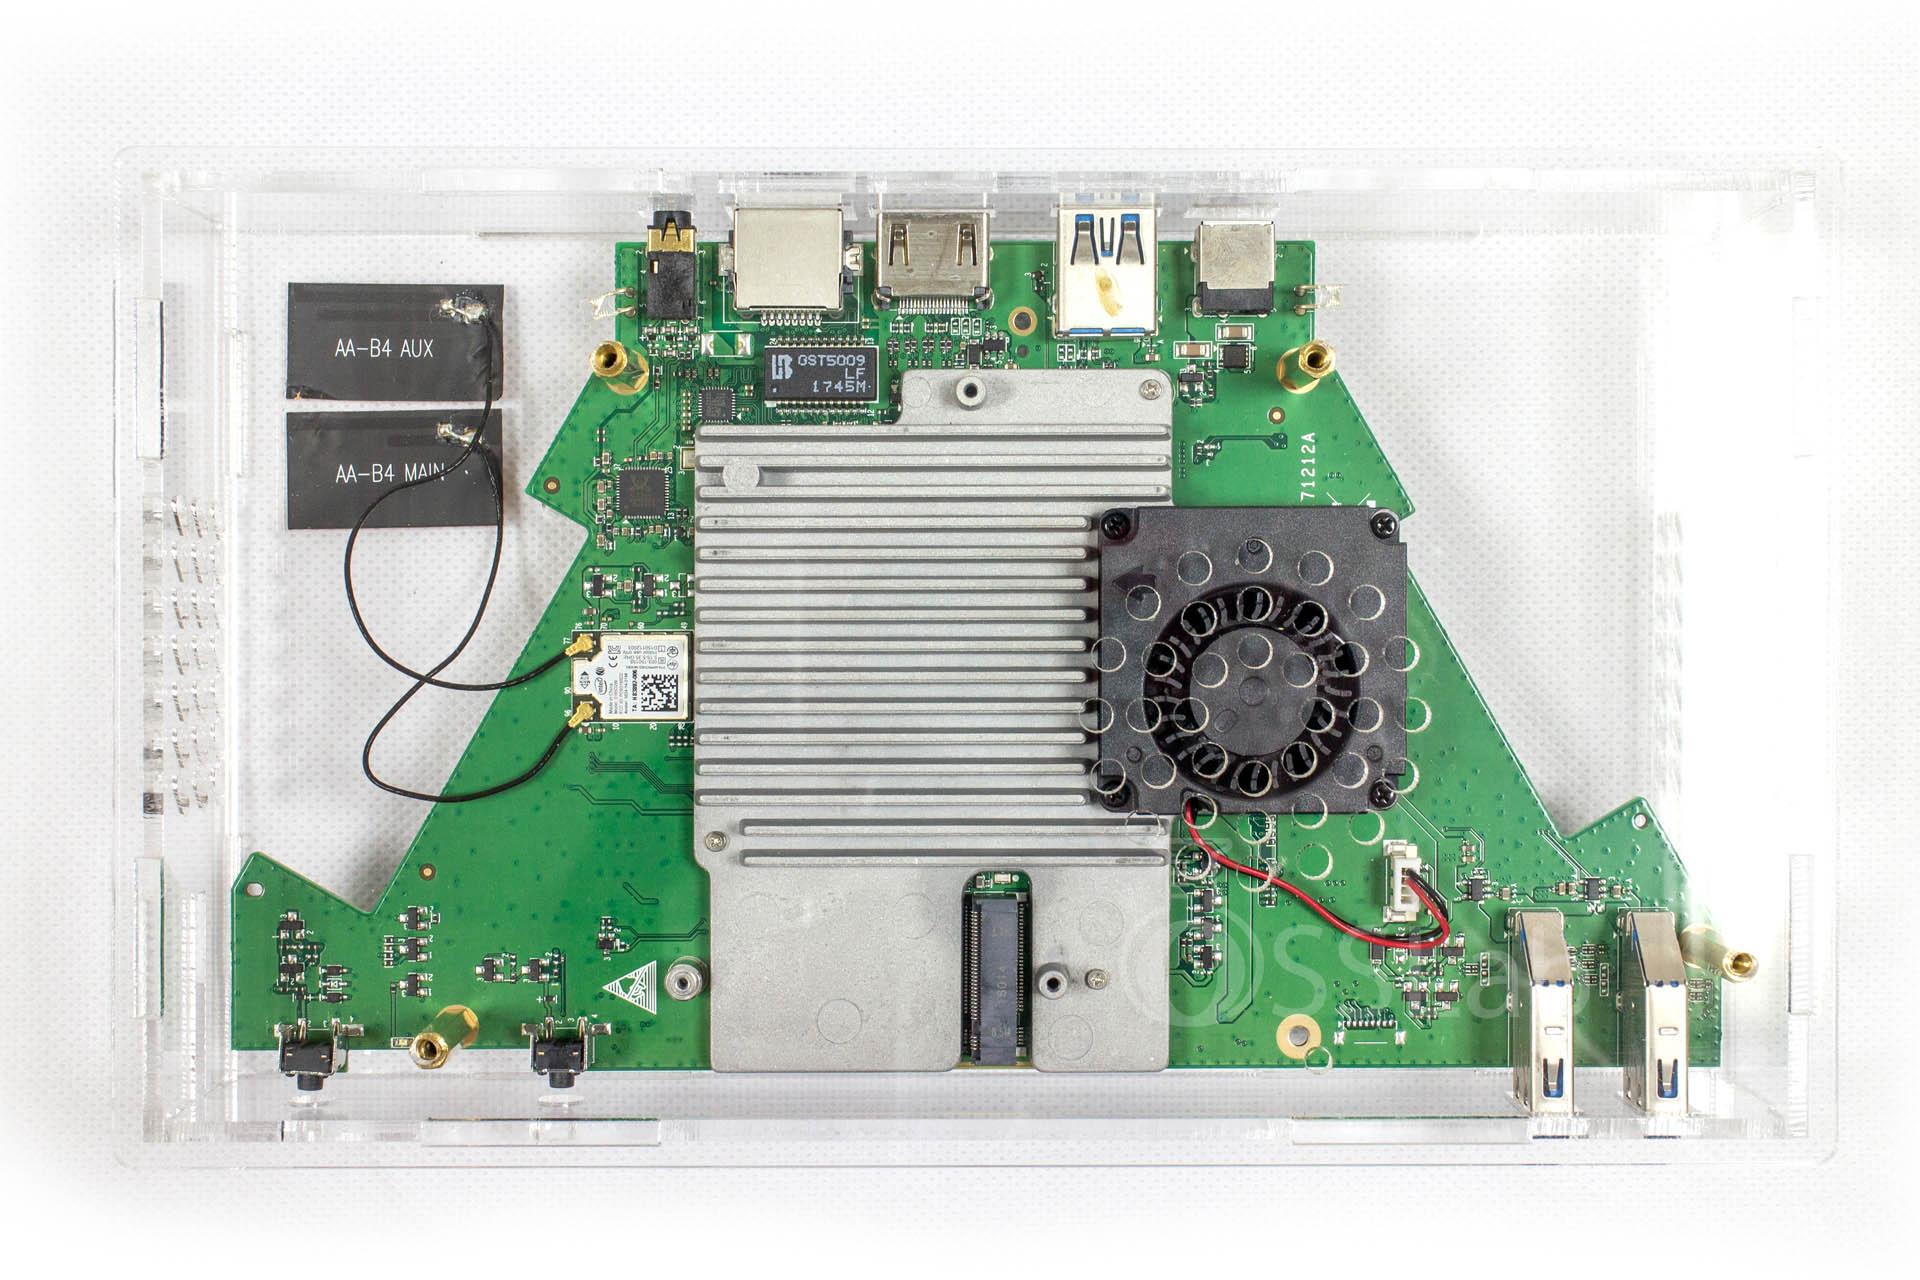 銳角雲應用(二) 更換壓克力外殼與上BIOS電池